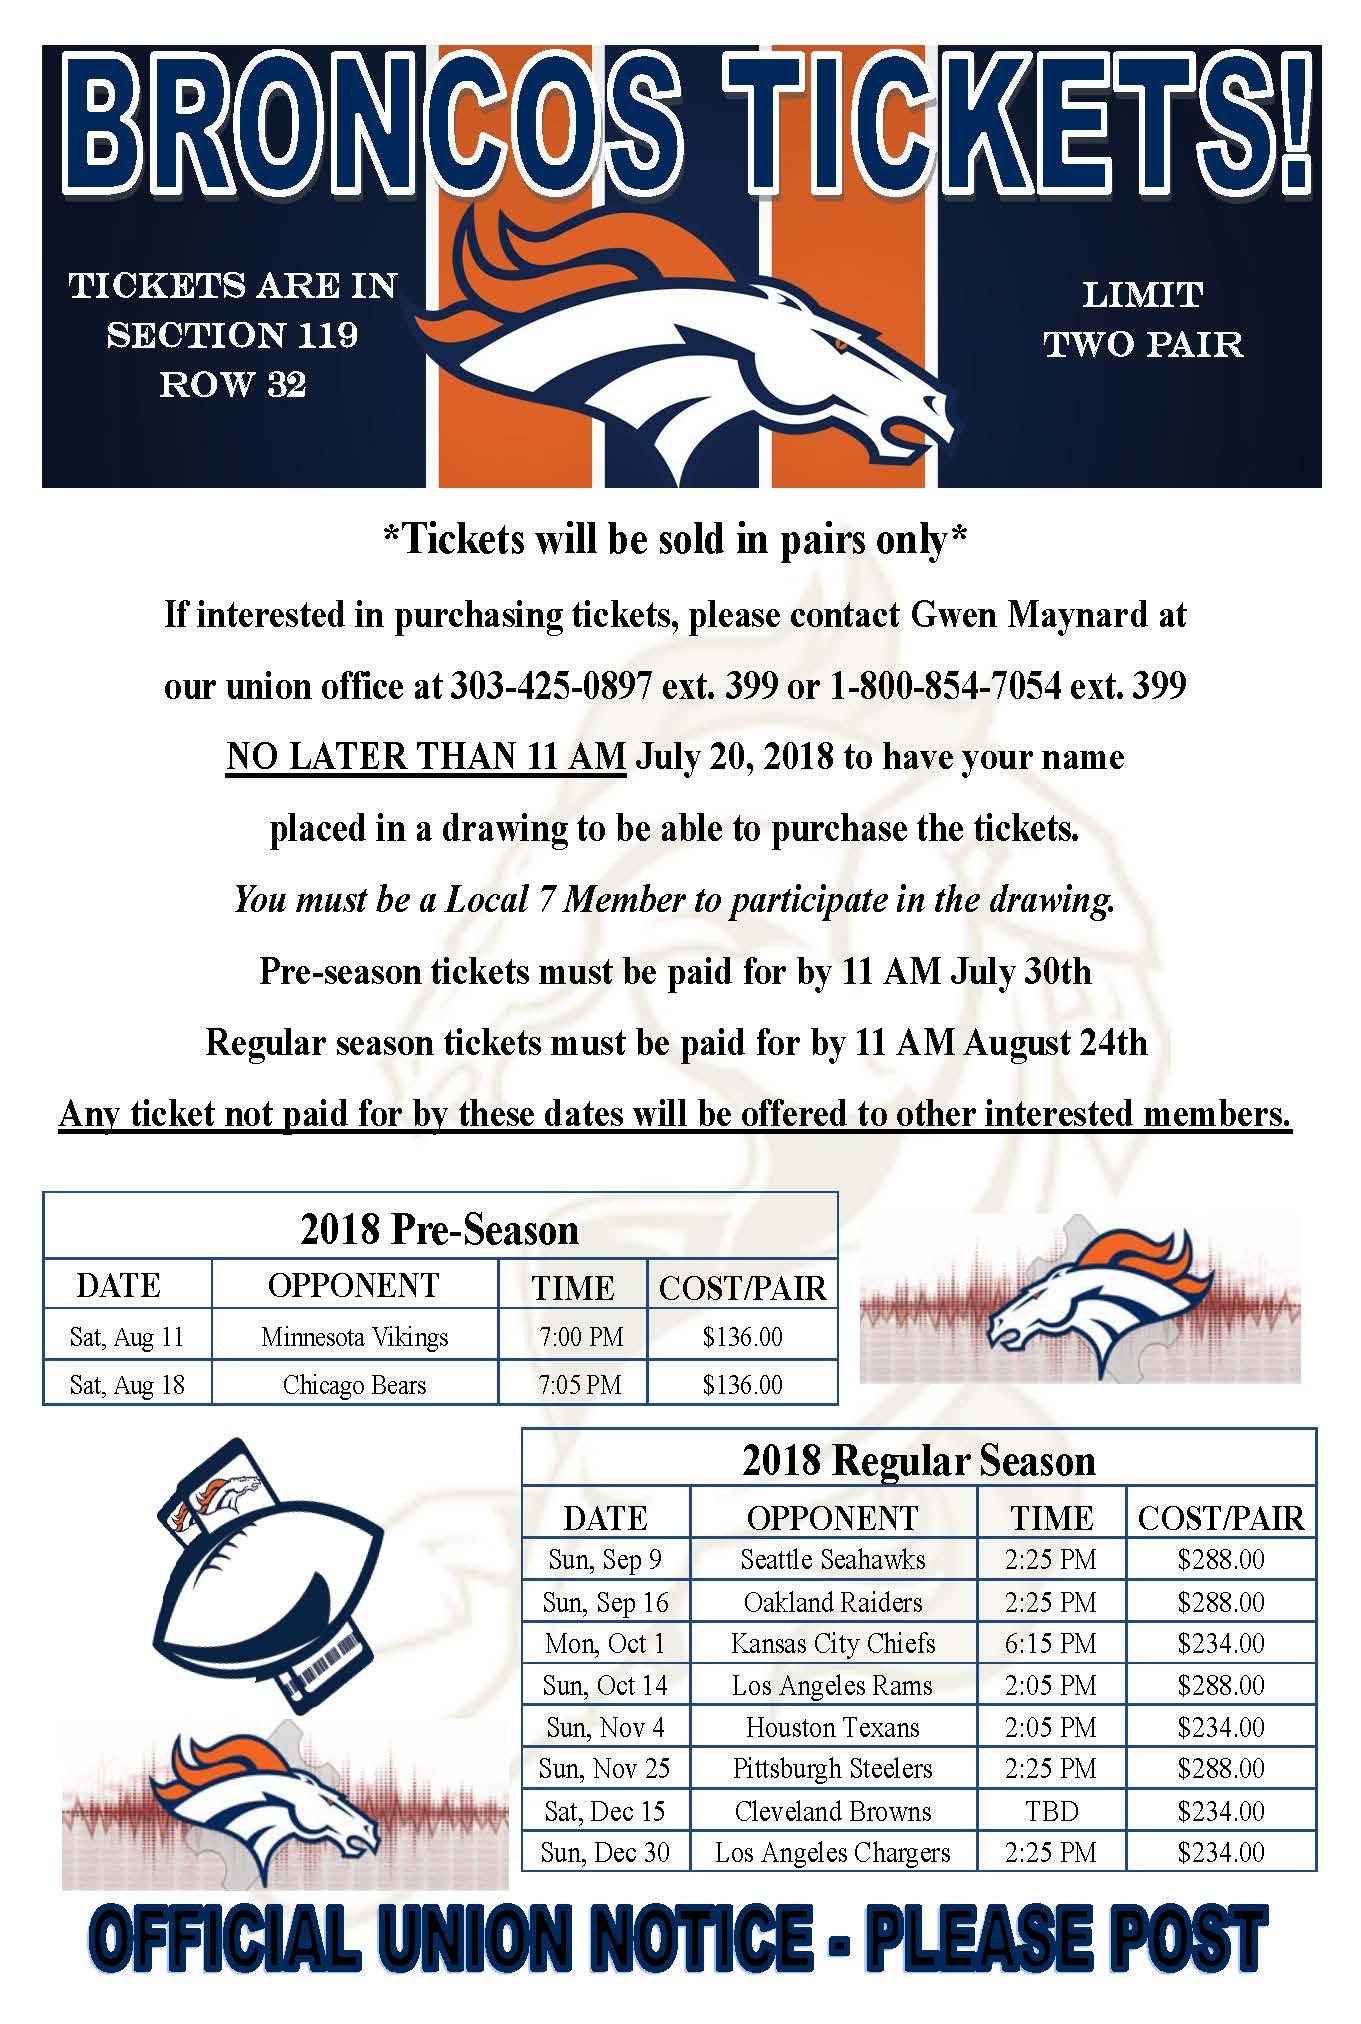 Broncos Tickets!